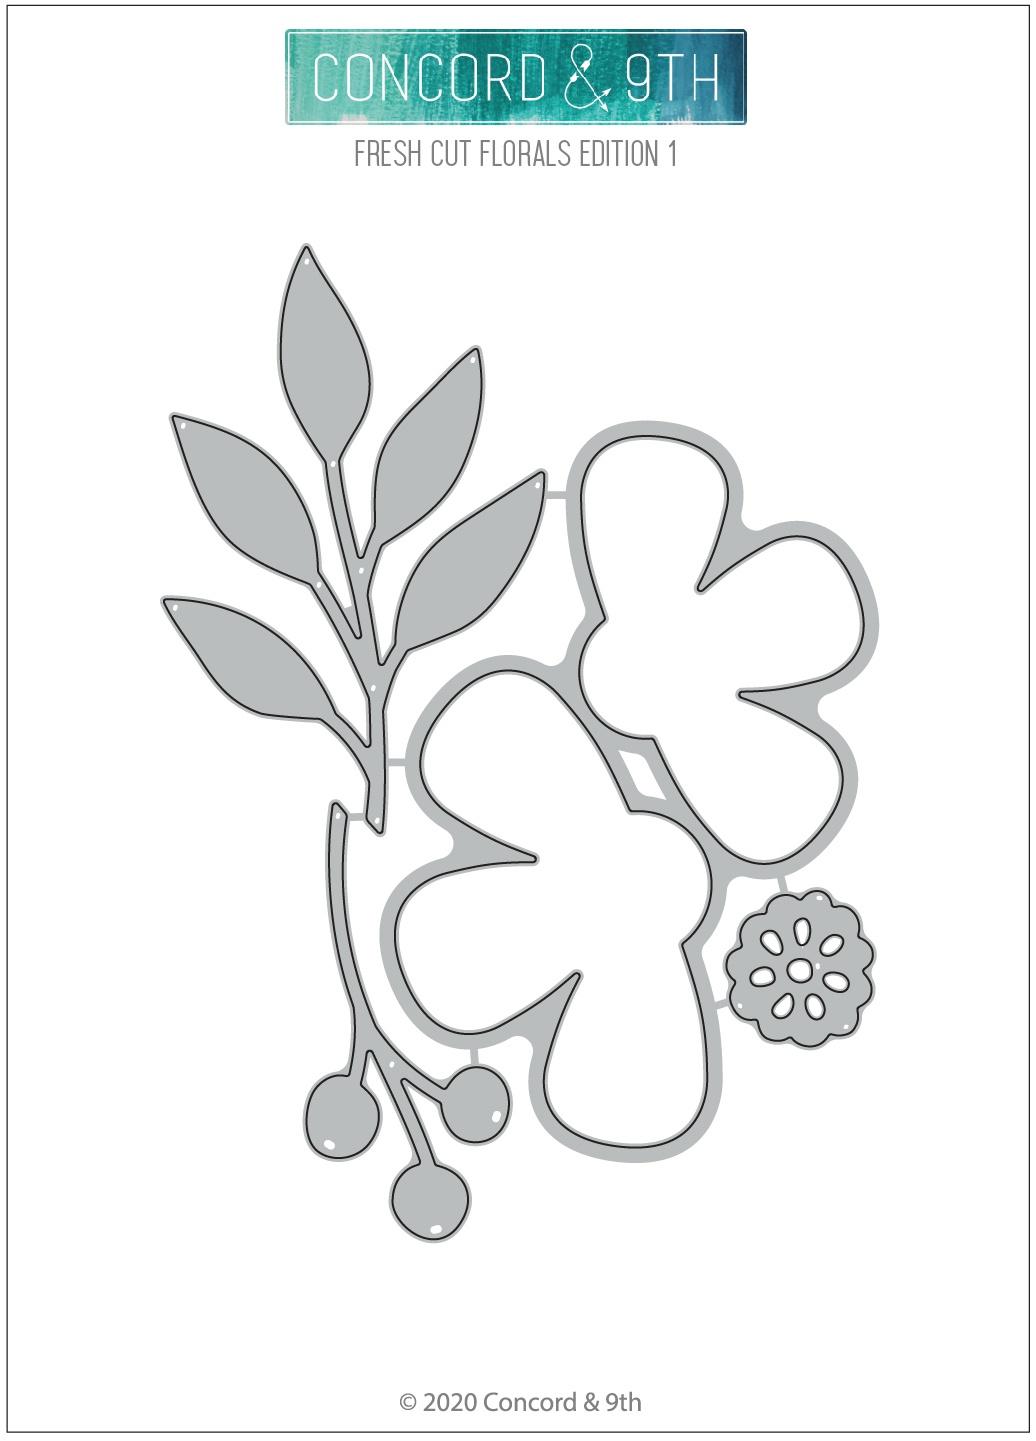 Concord & 9th Dies-Fresh Cut Florals Edition 1